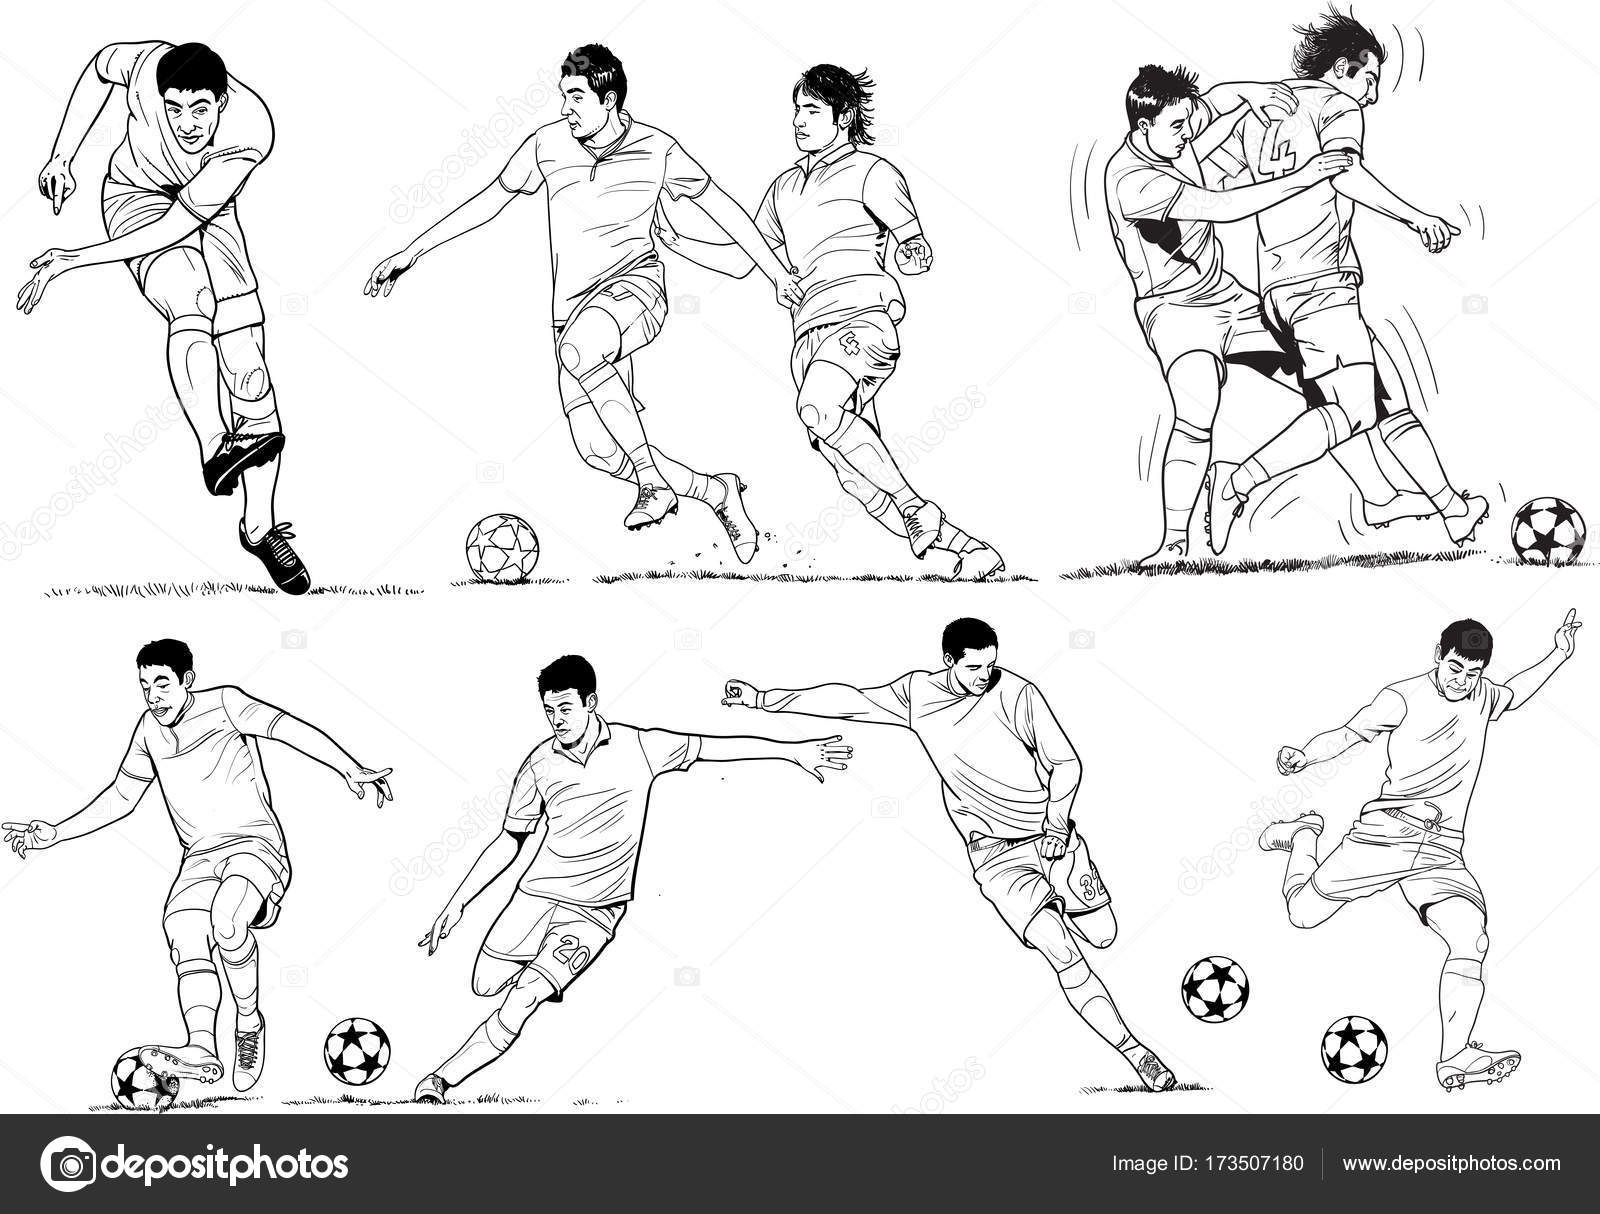 Soccers Spieler Zeichnen Stockvektor C Fogbird 173507180